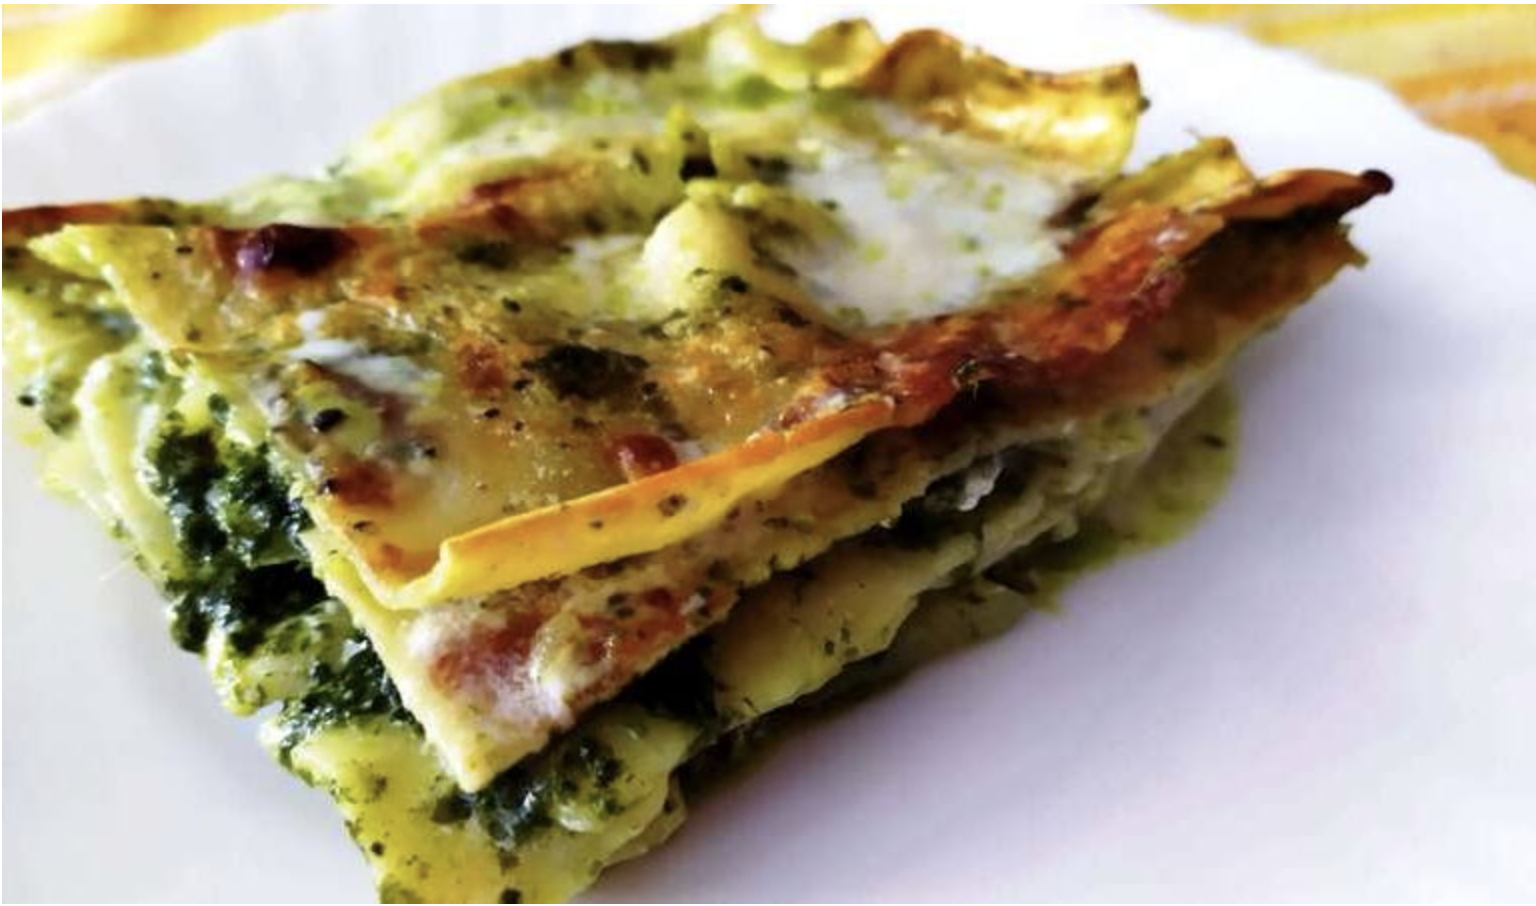 lasagne-al-pesto-e-patate-gustose-e-profumate:-ecco-come-prepararle-con-una-crosta-croccante-ed-un-interno-morbido